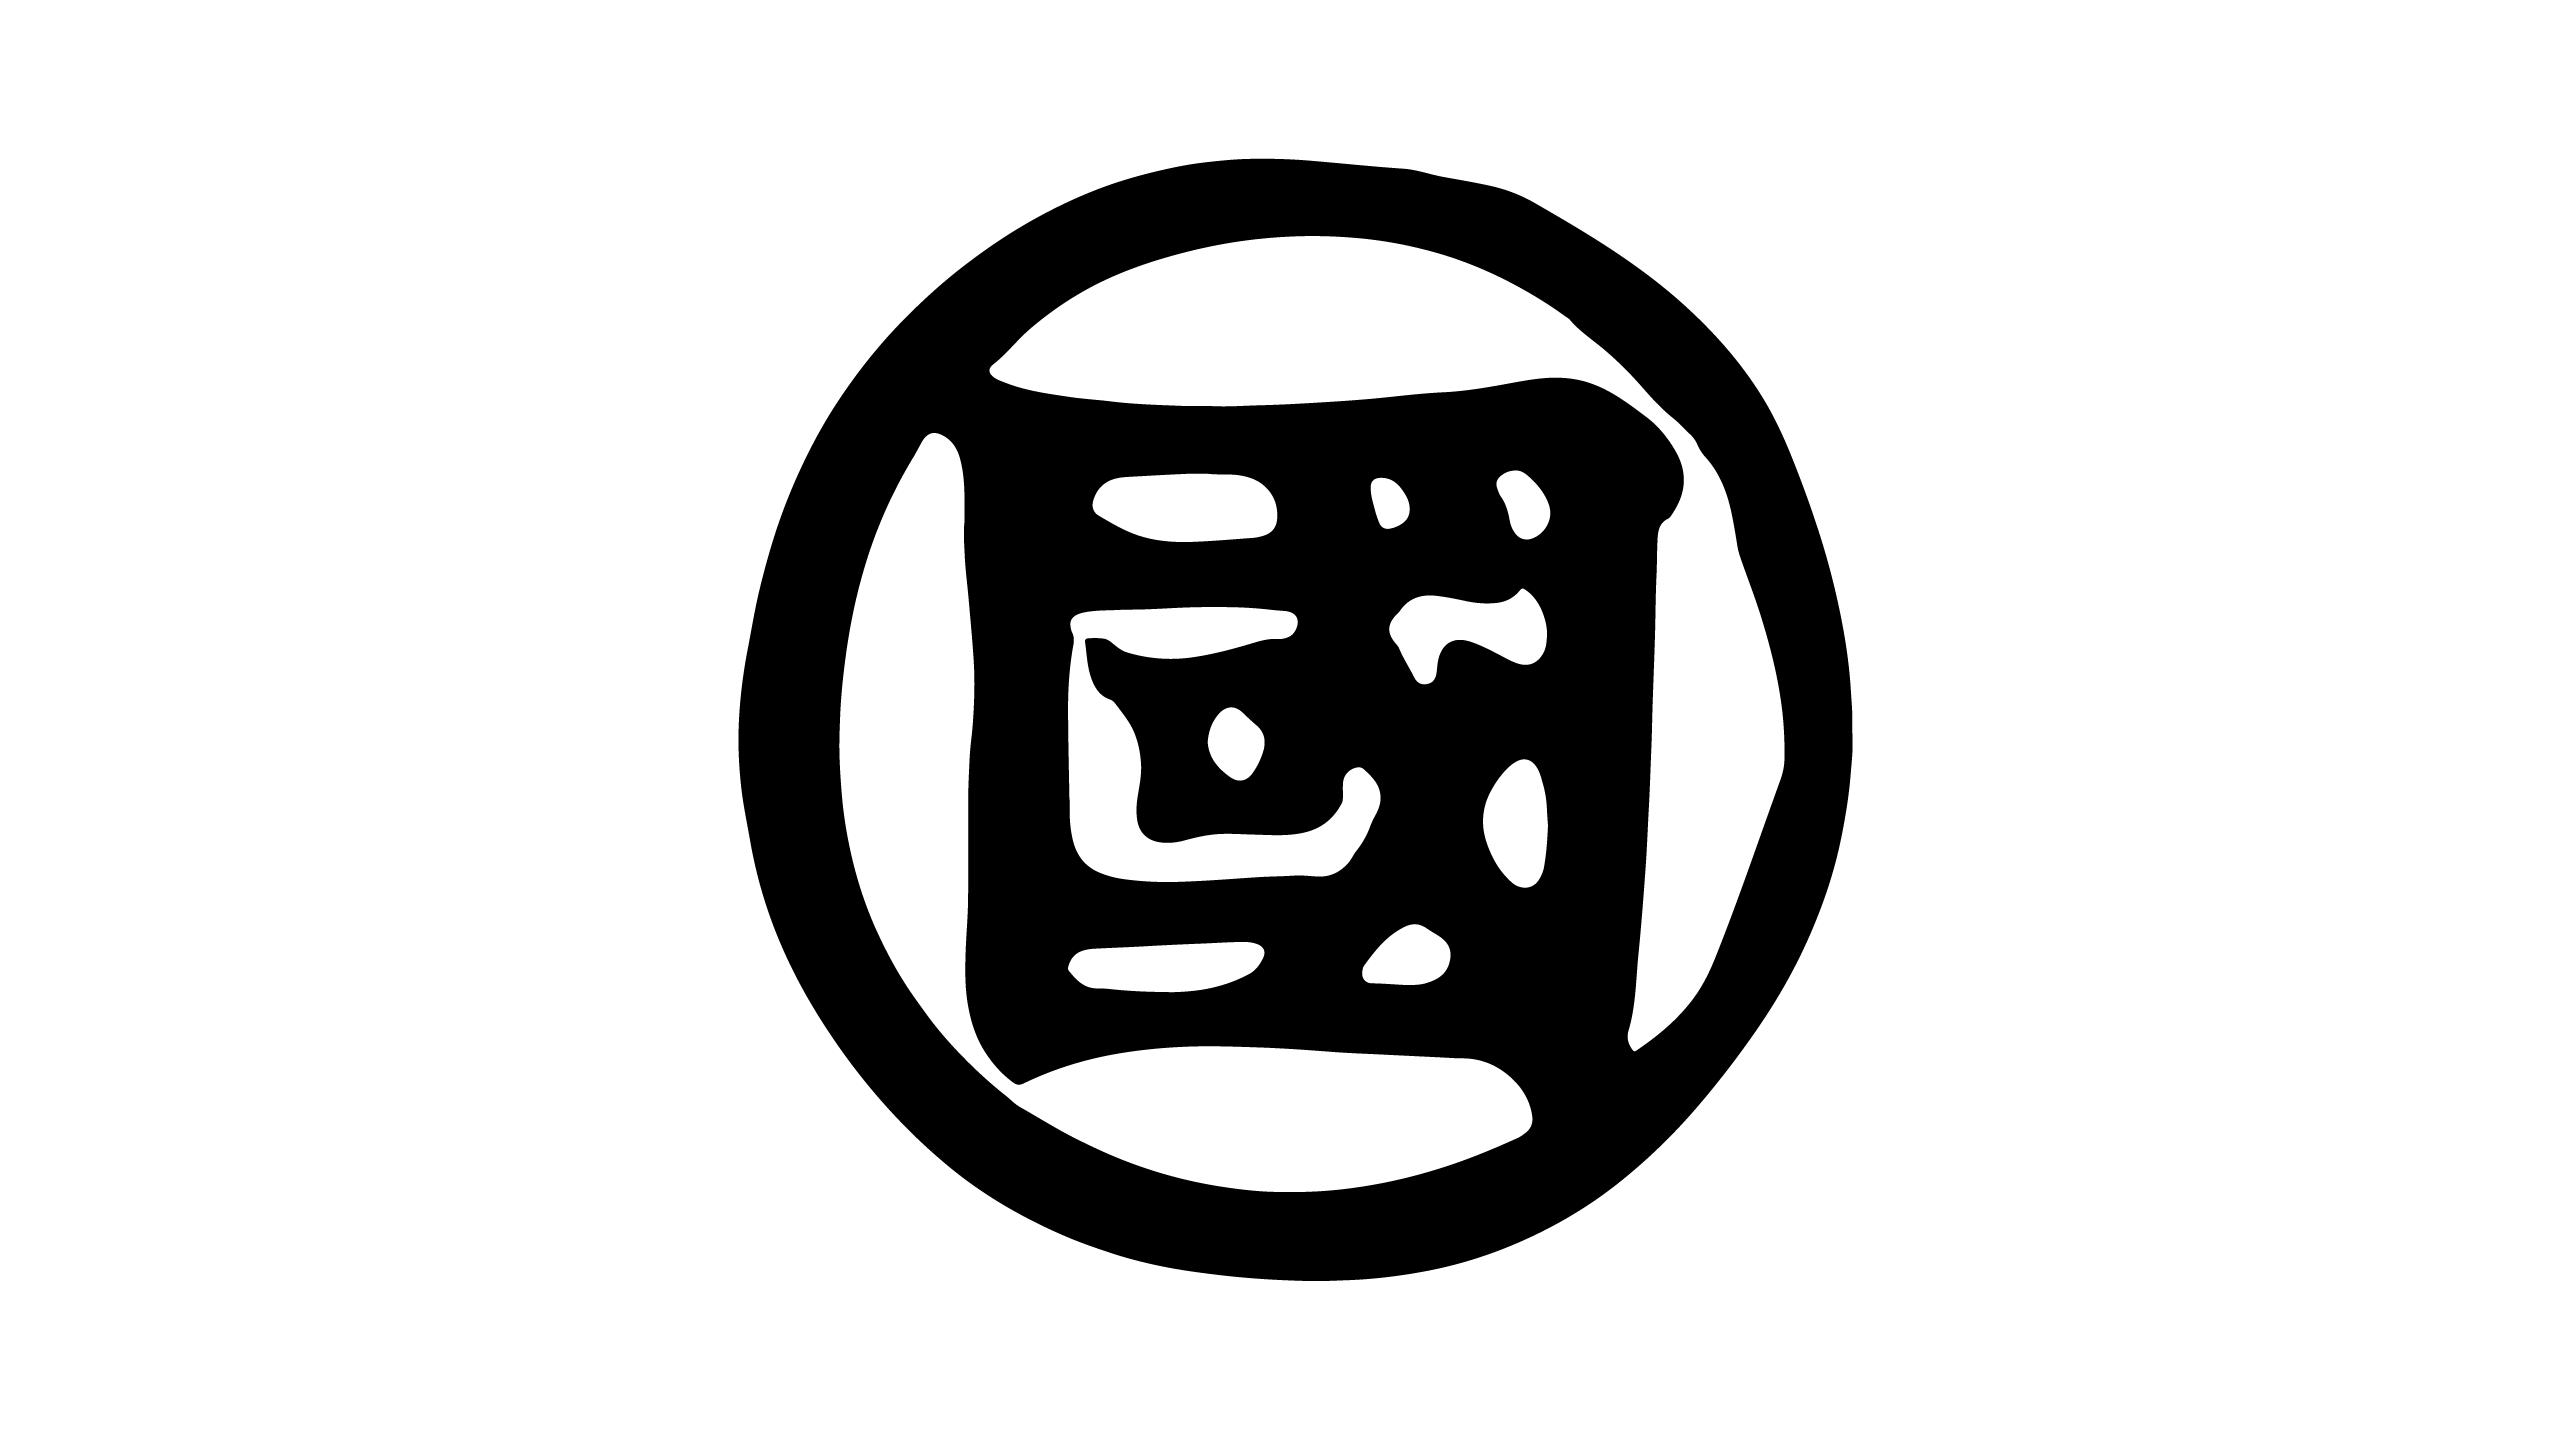 株式会社マルクニイトー 公式サイト | 美濃焼 卸商社